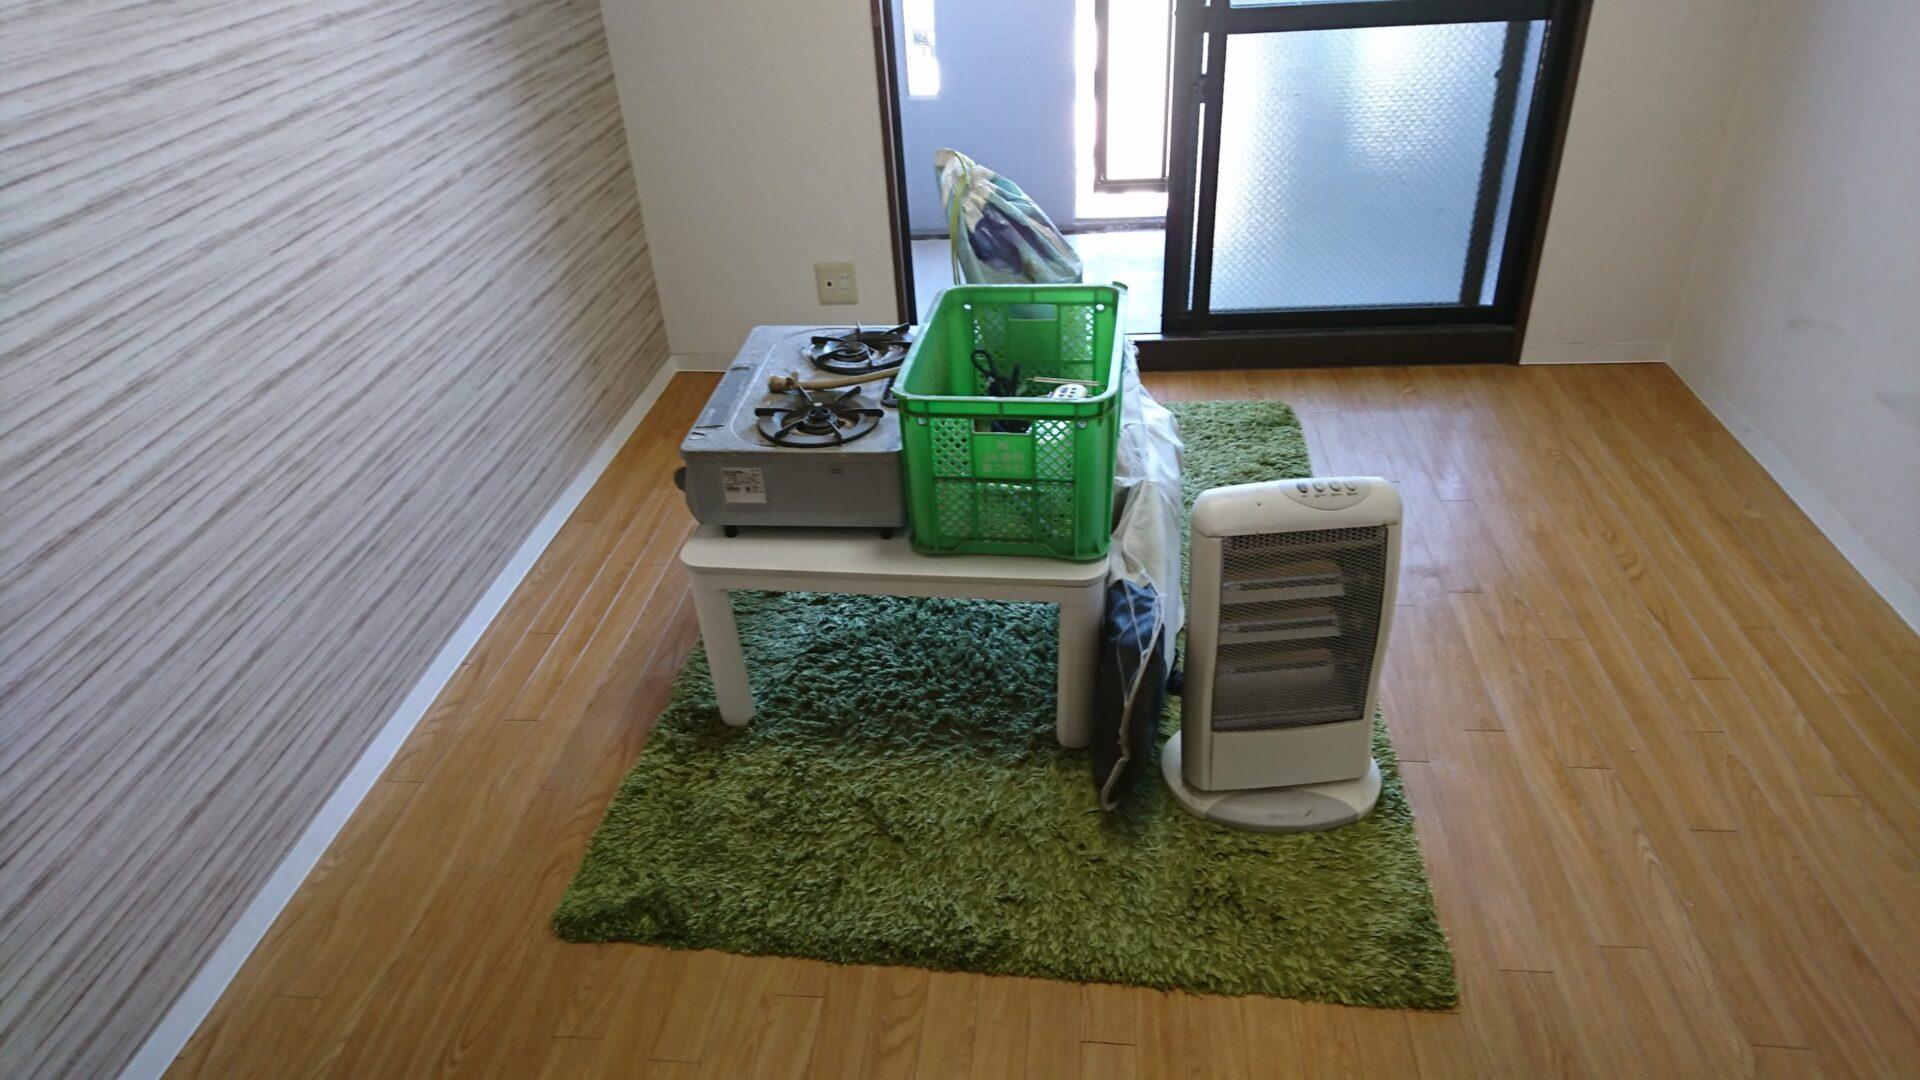 【愛知県名古屋市西区】ラグマットやこたつテーブルの出張回収